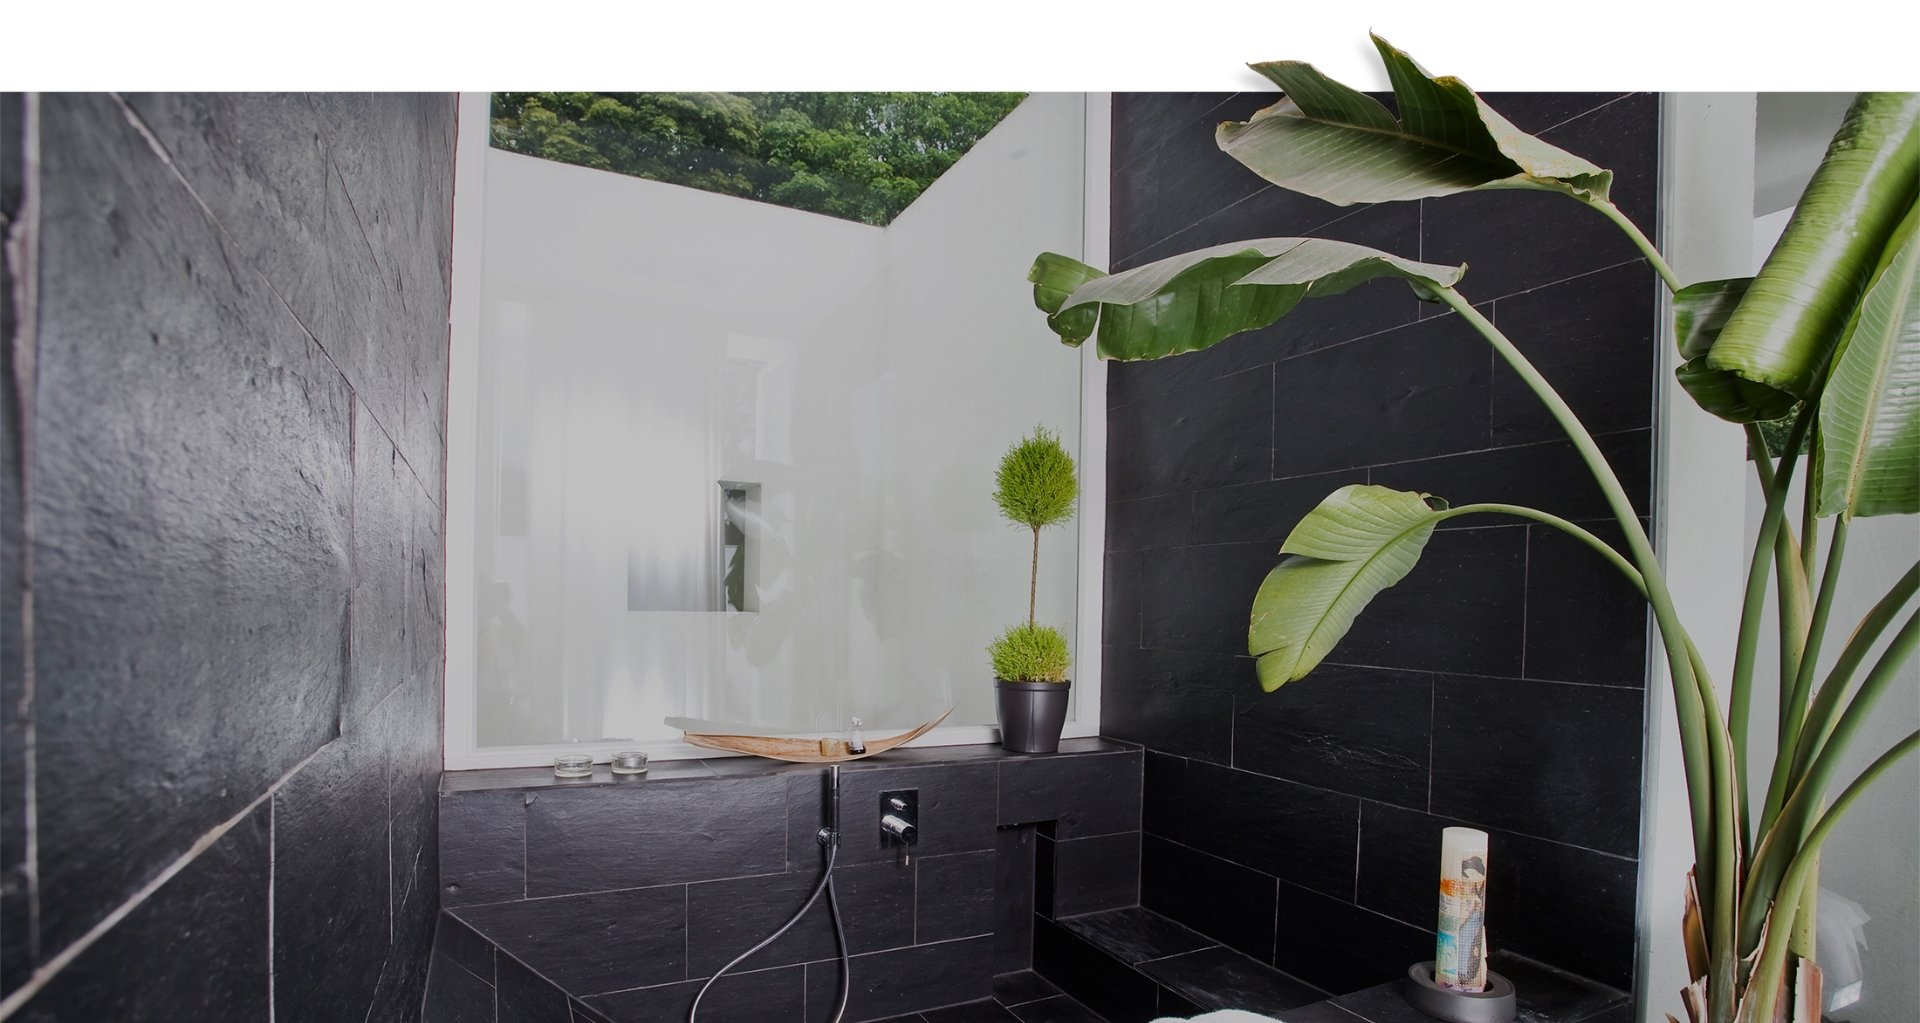 Badewanne mit Pflanze